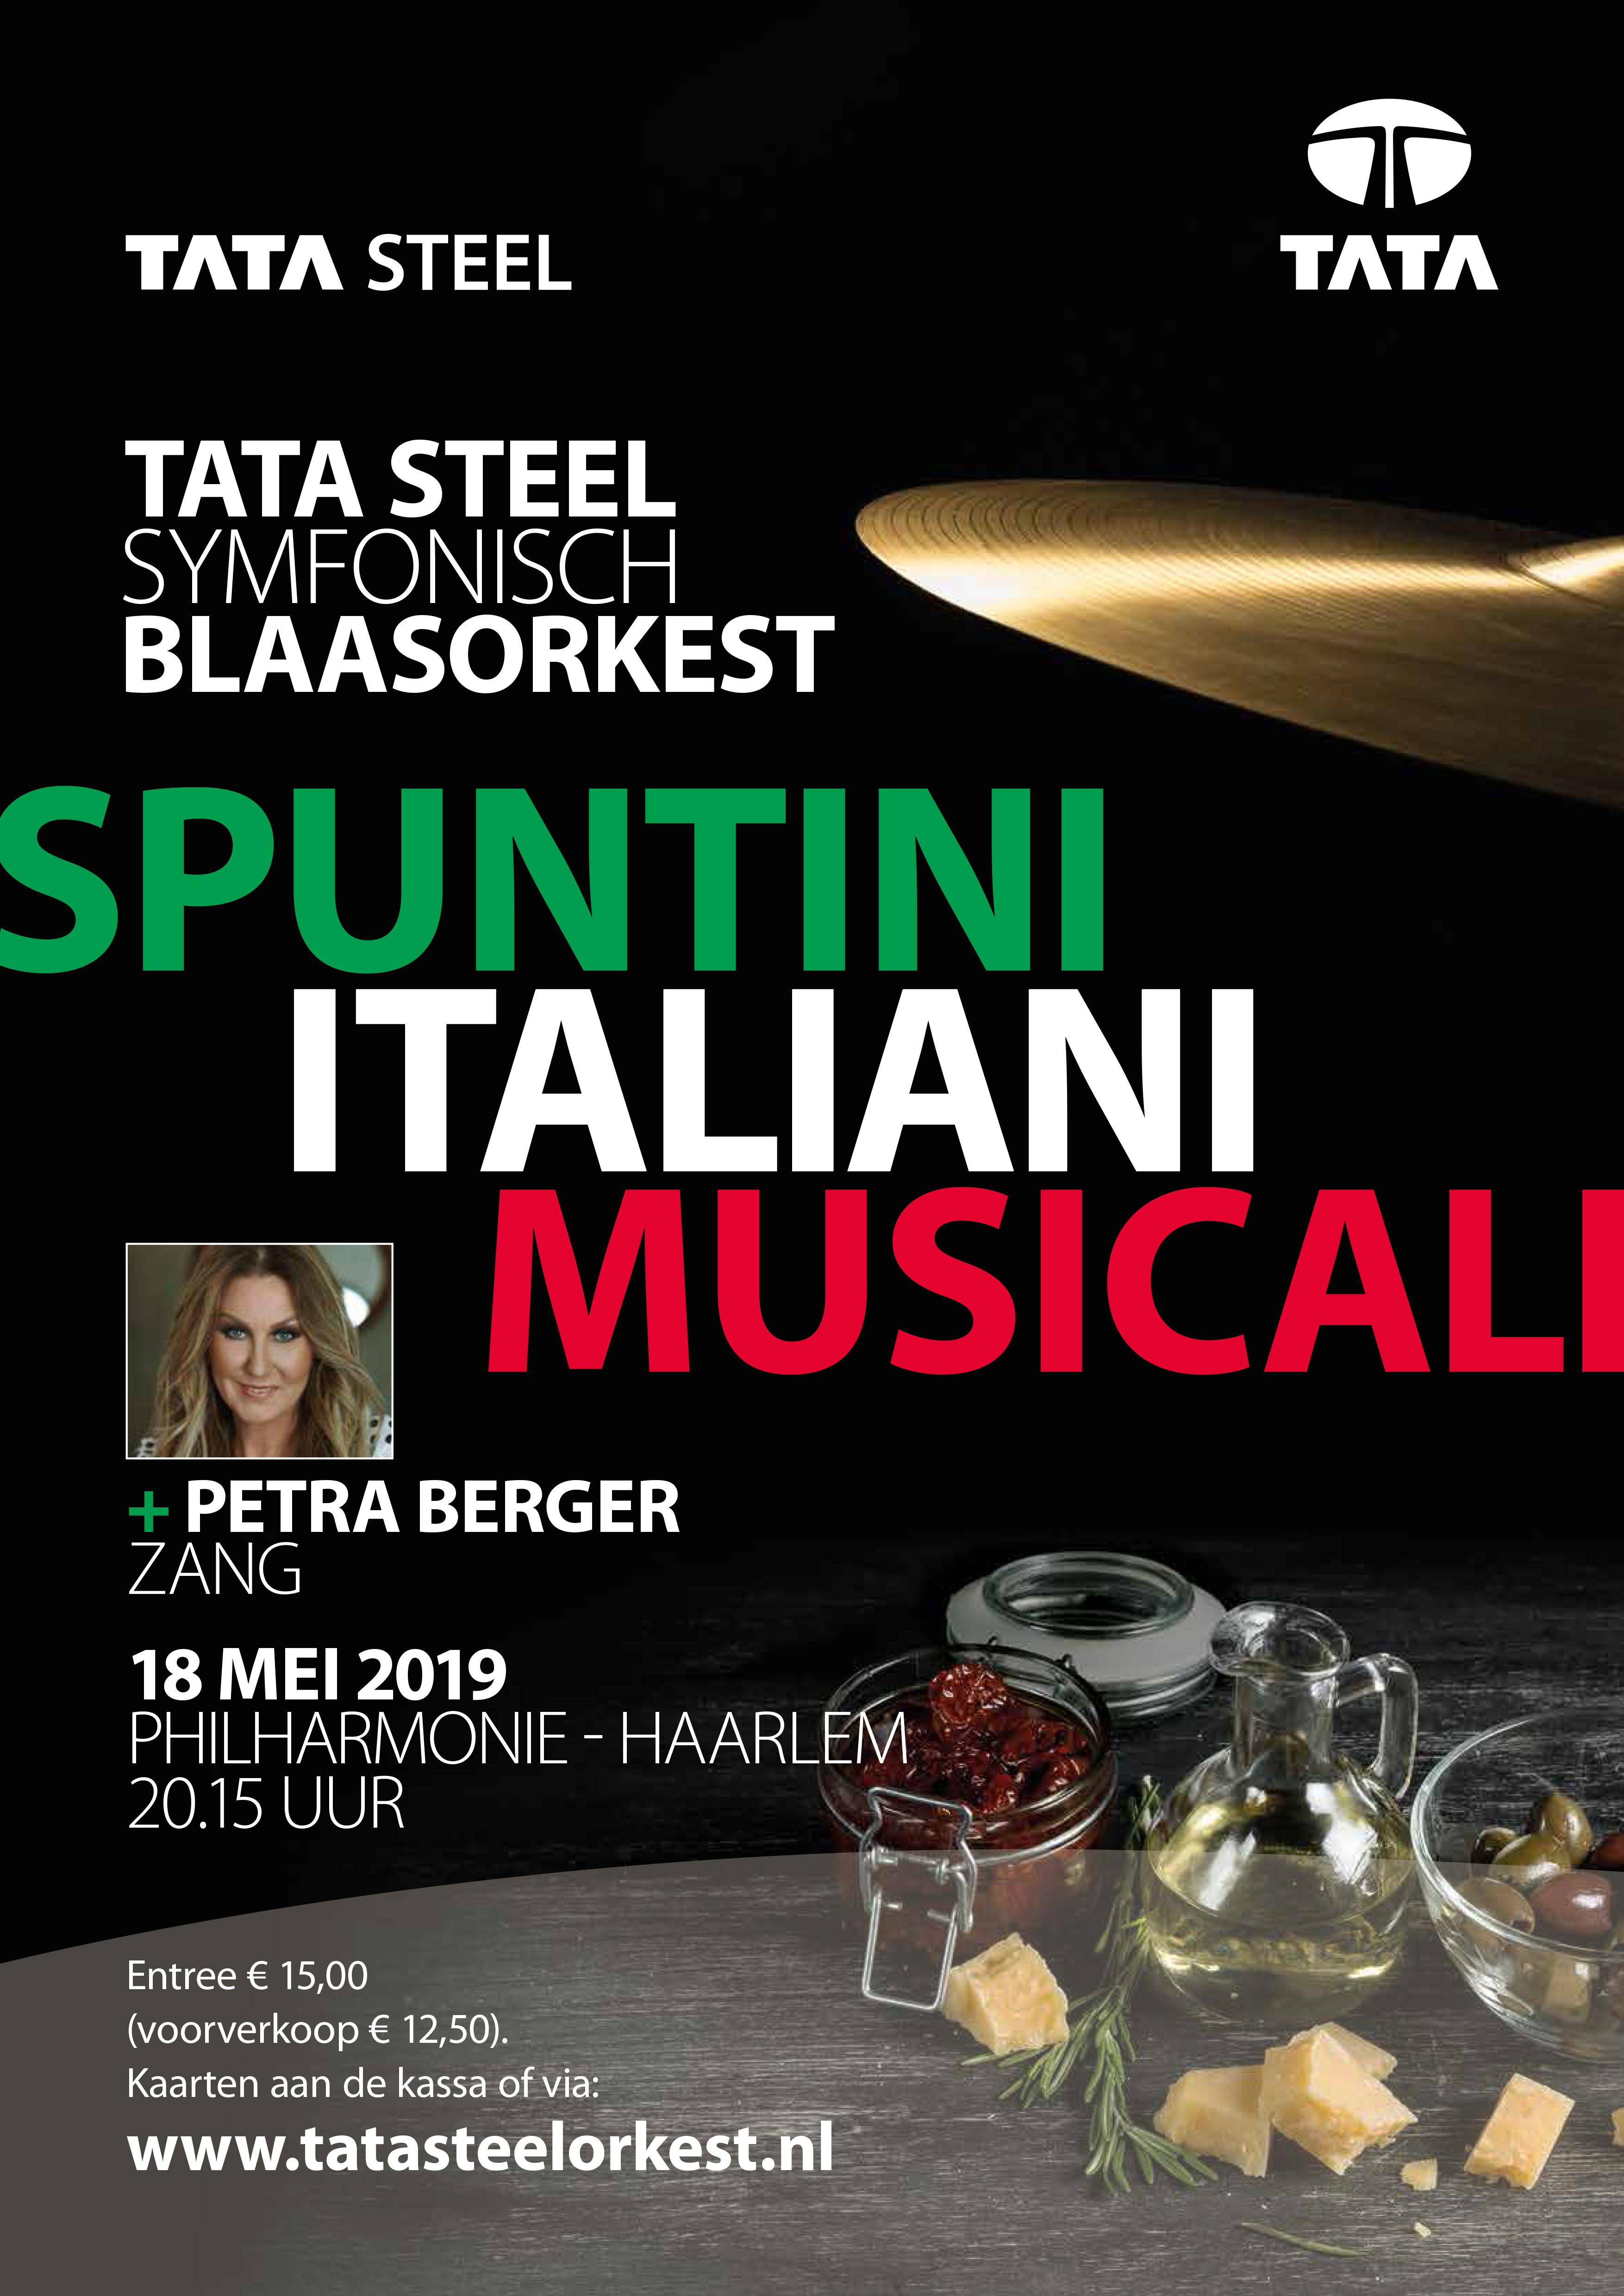 Tata Steel 25 apr - 18 mei